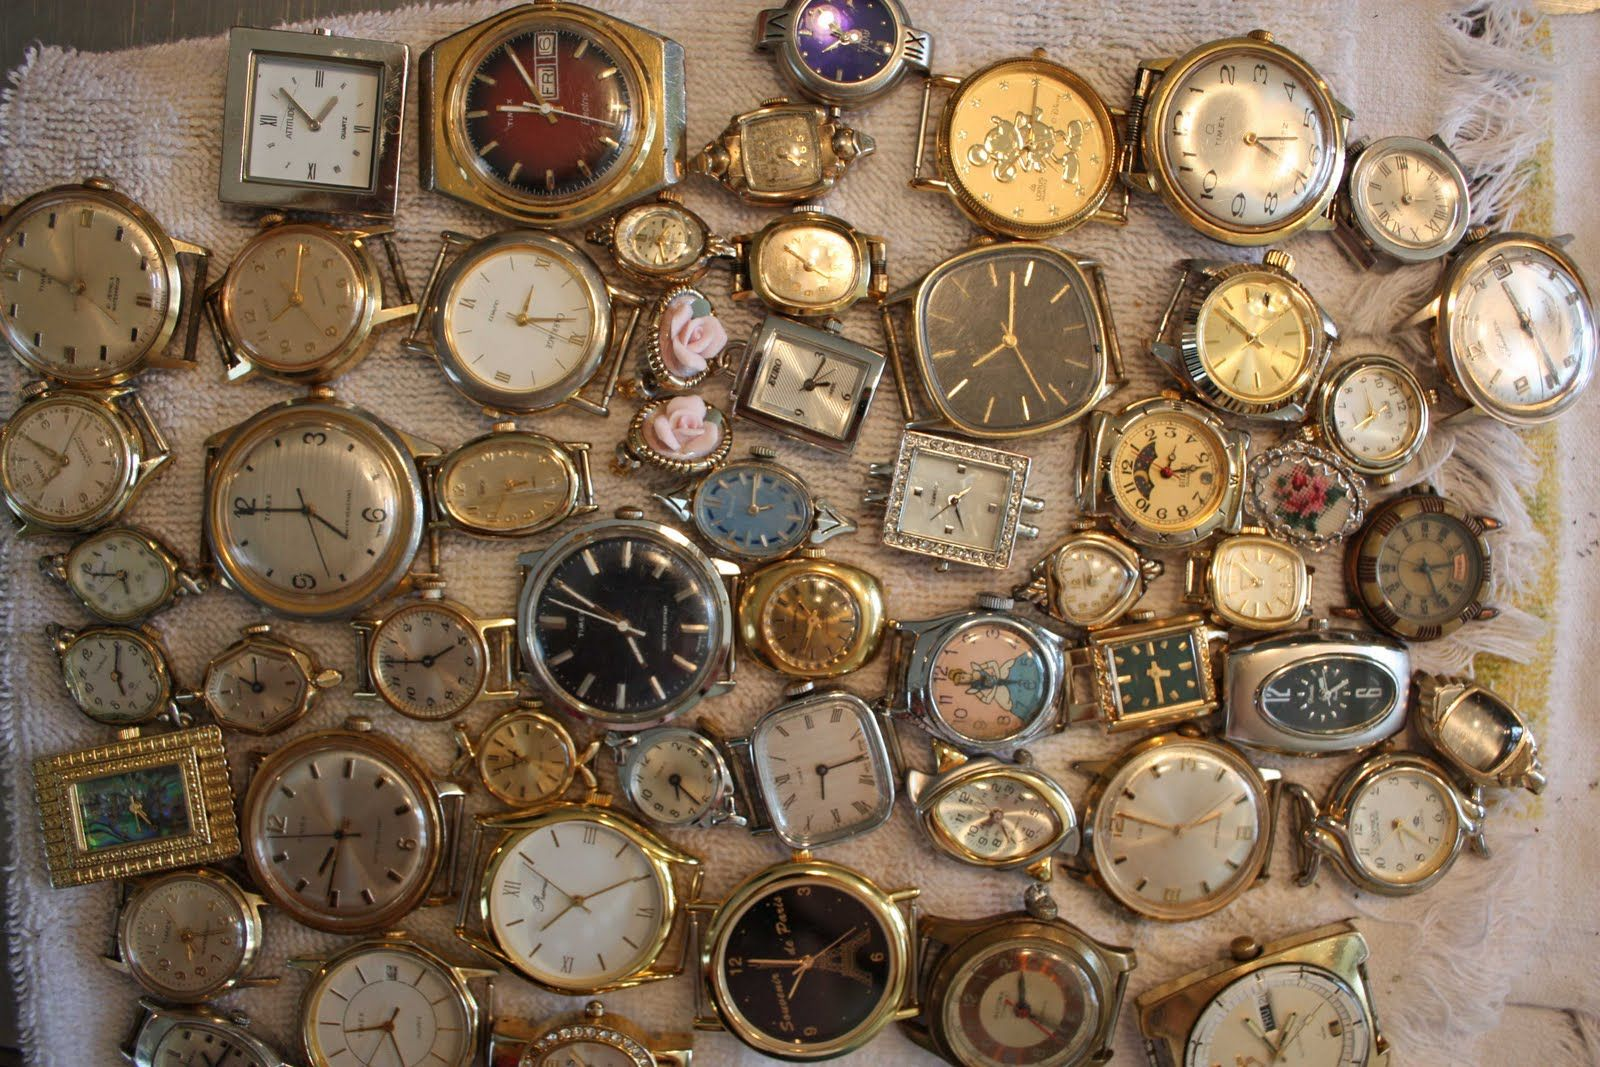 В ремонт правильно как сдать часы нормо альмера стоимость часа по ниссан